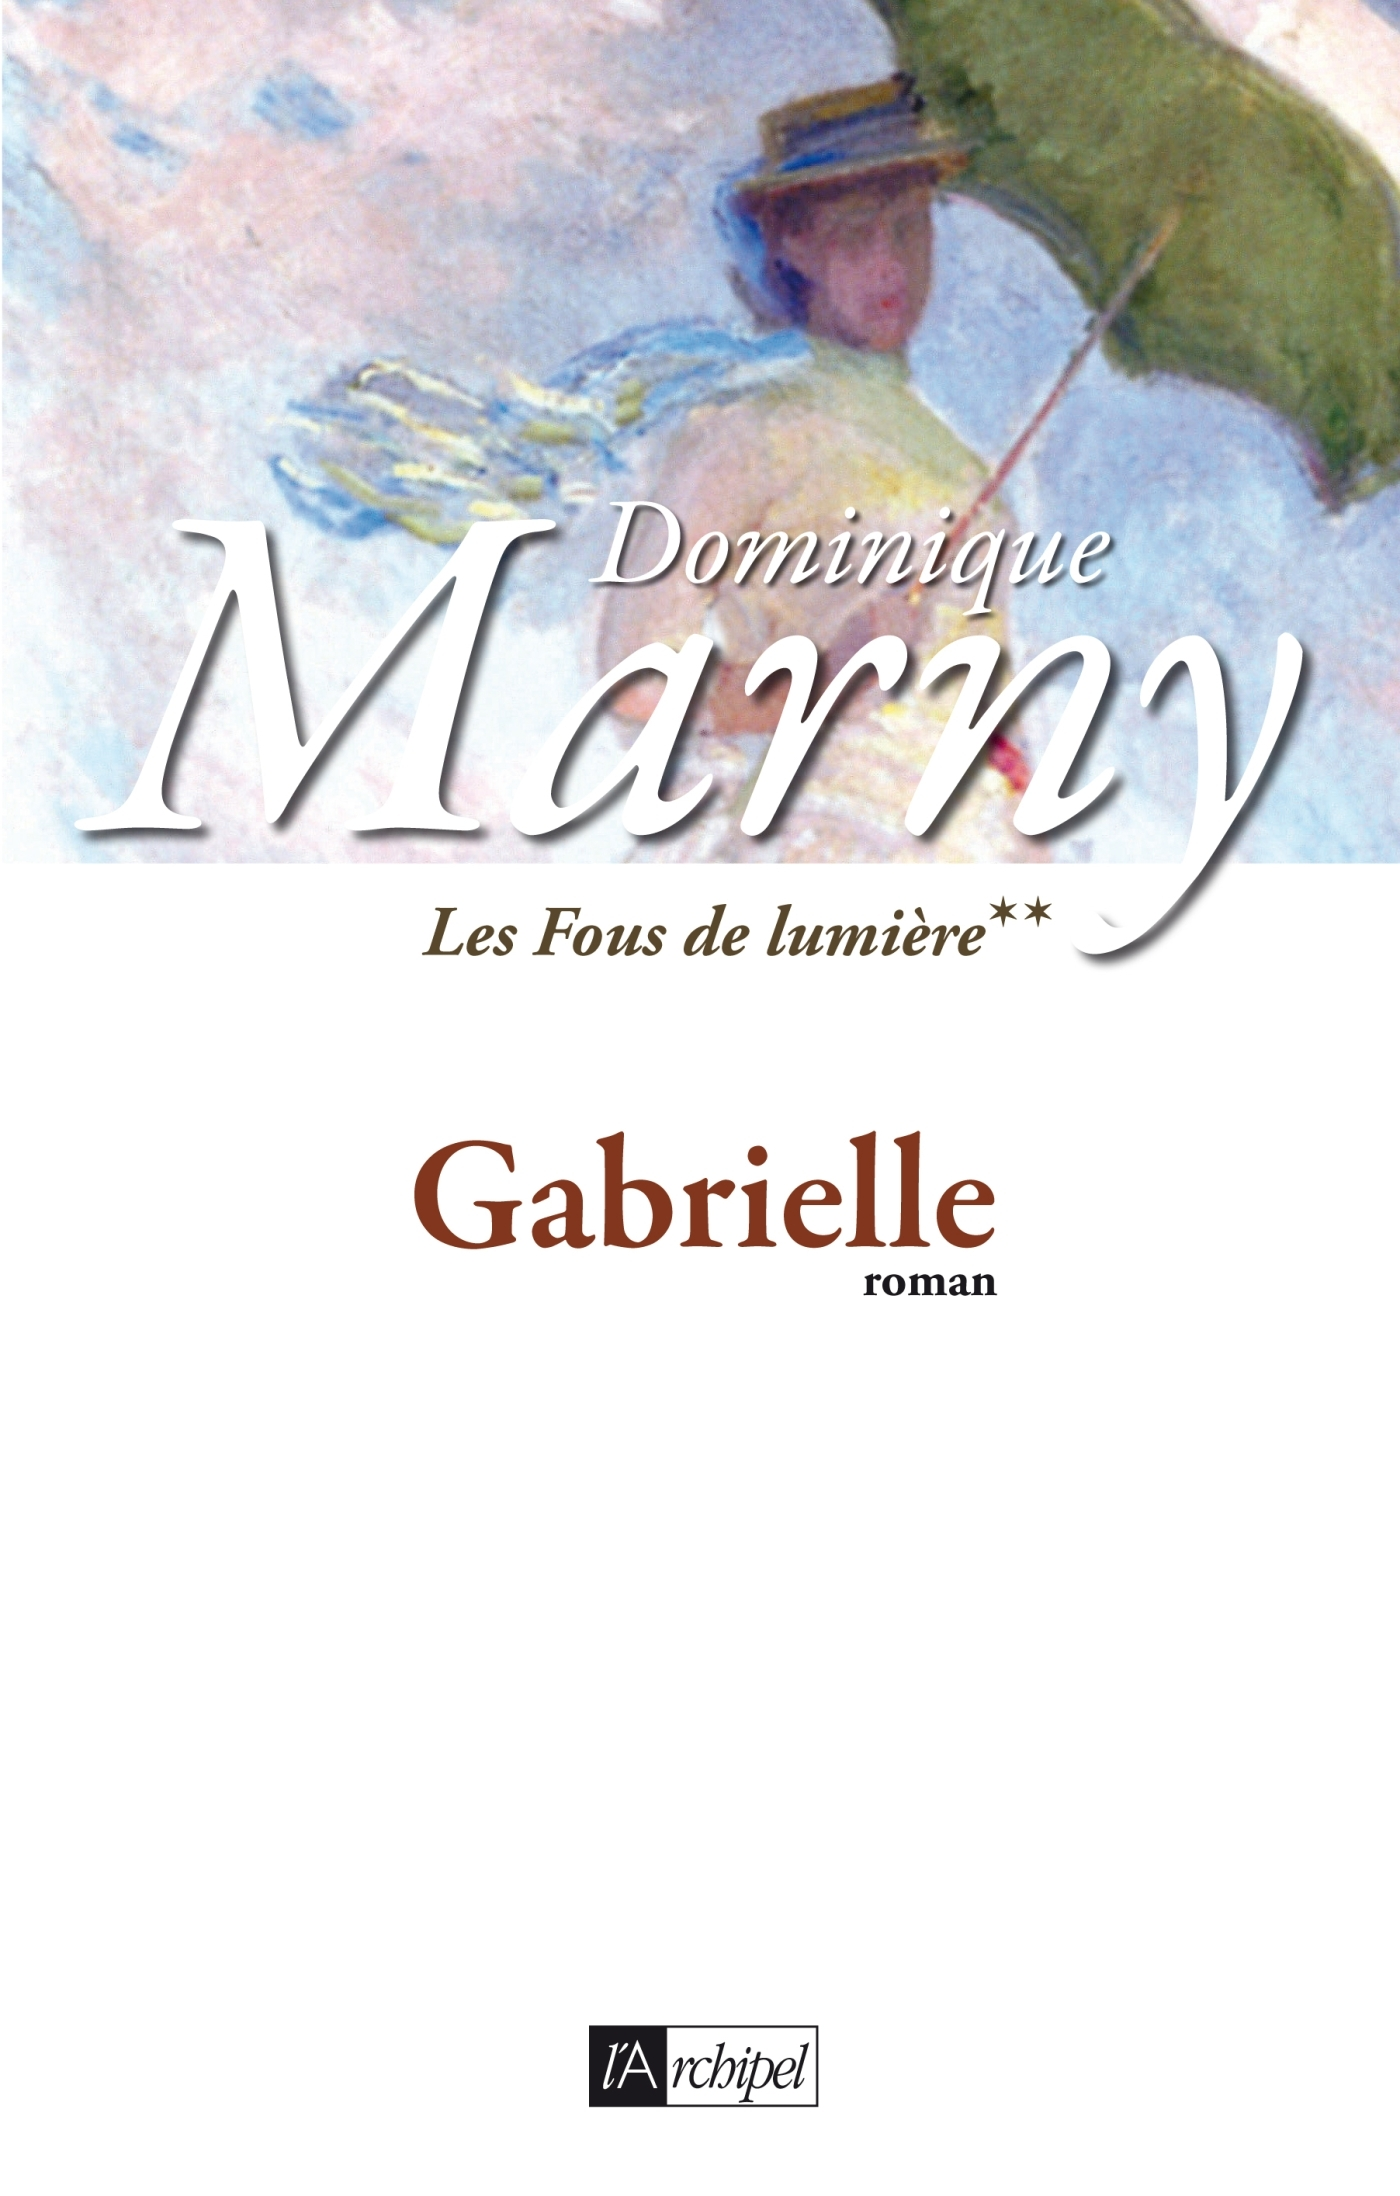 GABRIELLE - LES FOUS DE LUMIERE**